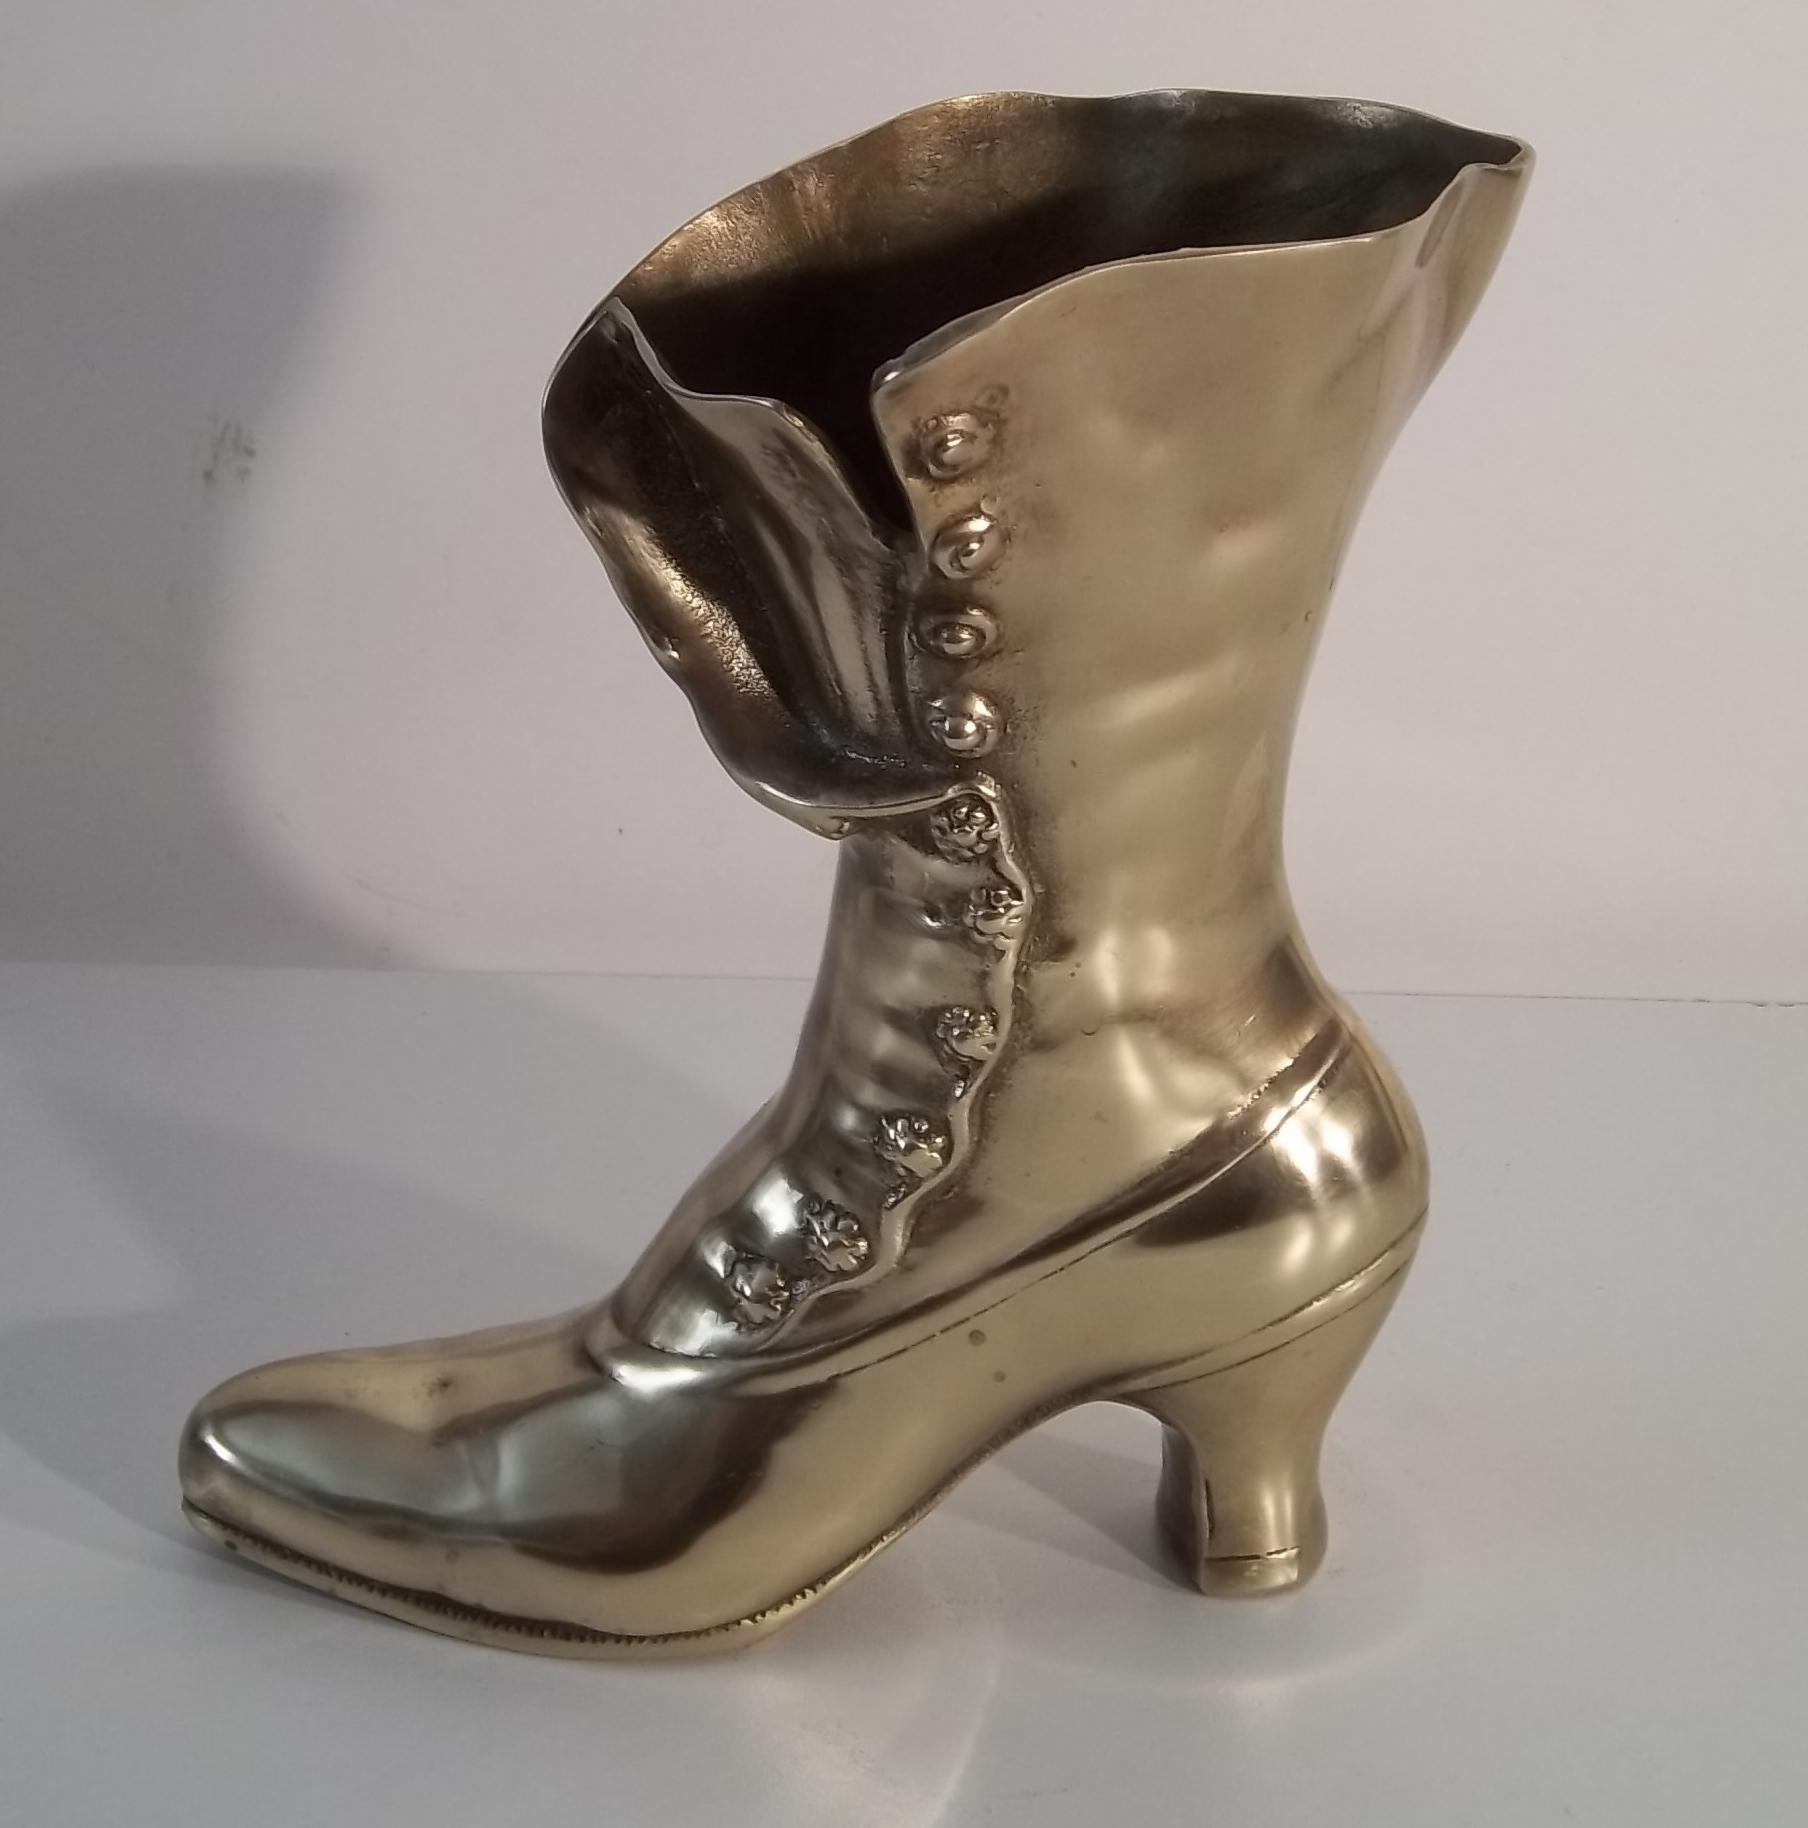 Brass La s Boot Vase